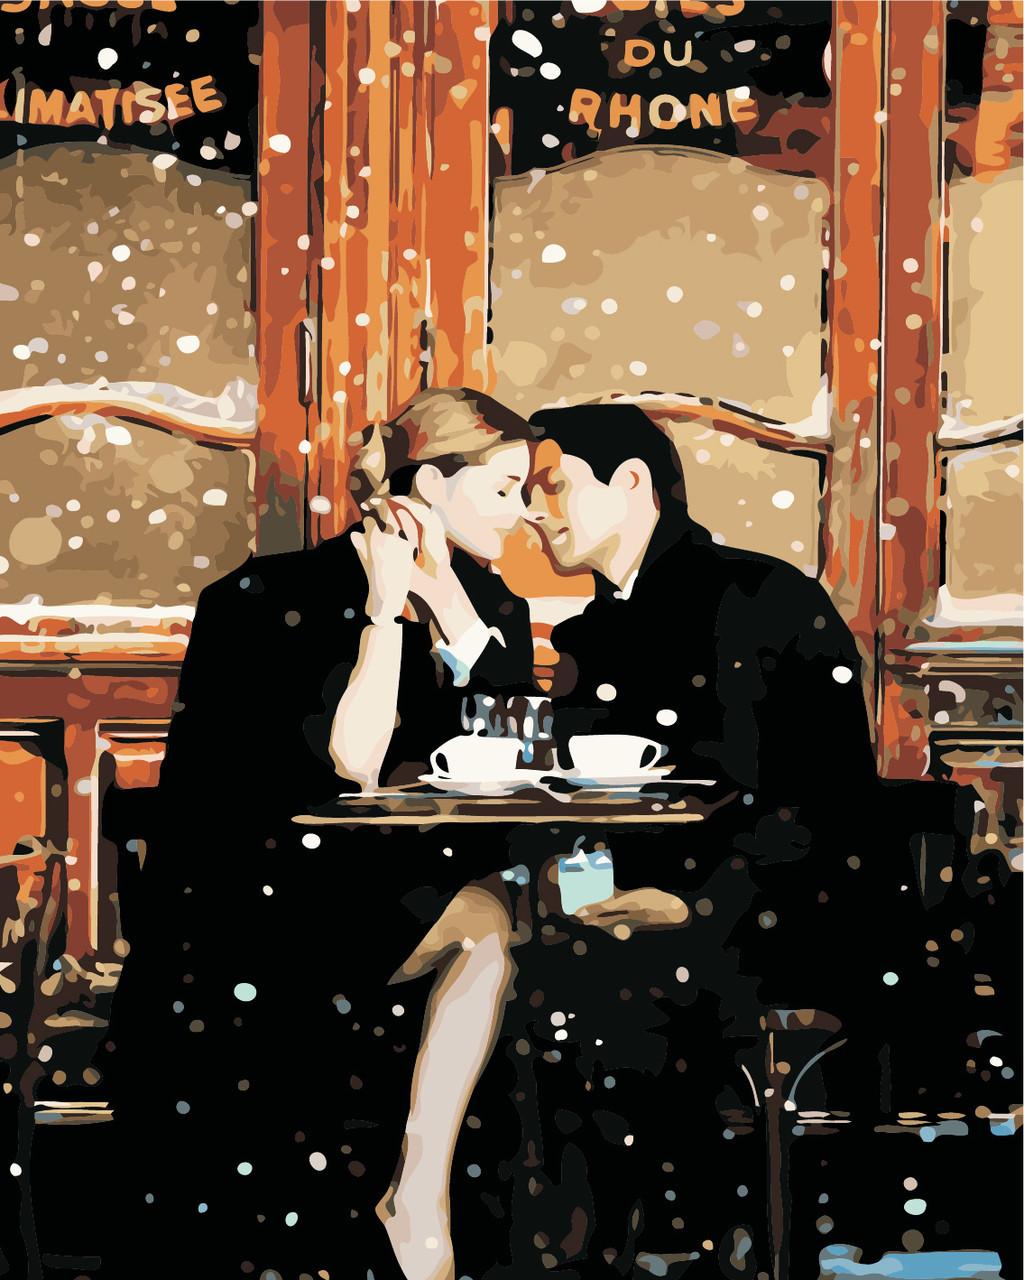 Картина по номерам Сказочное свидание 40 х 50 см (AS0434)